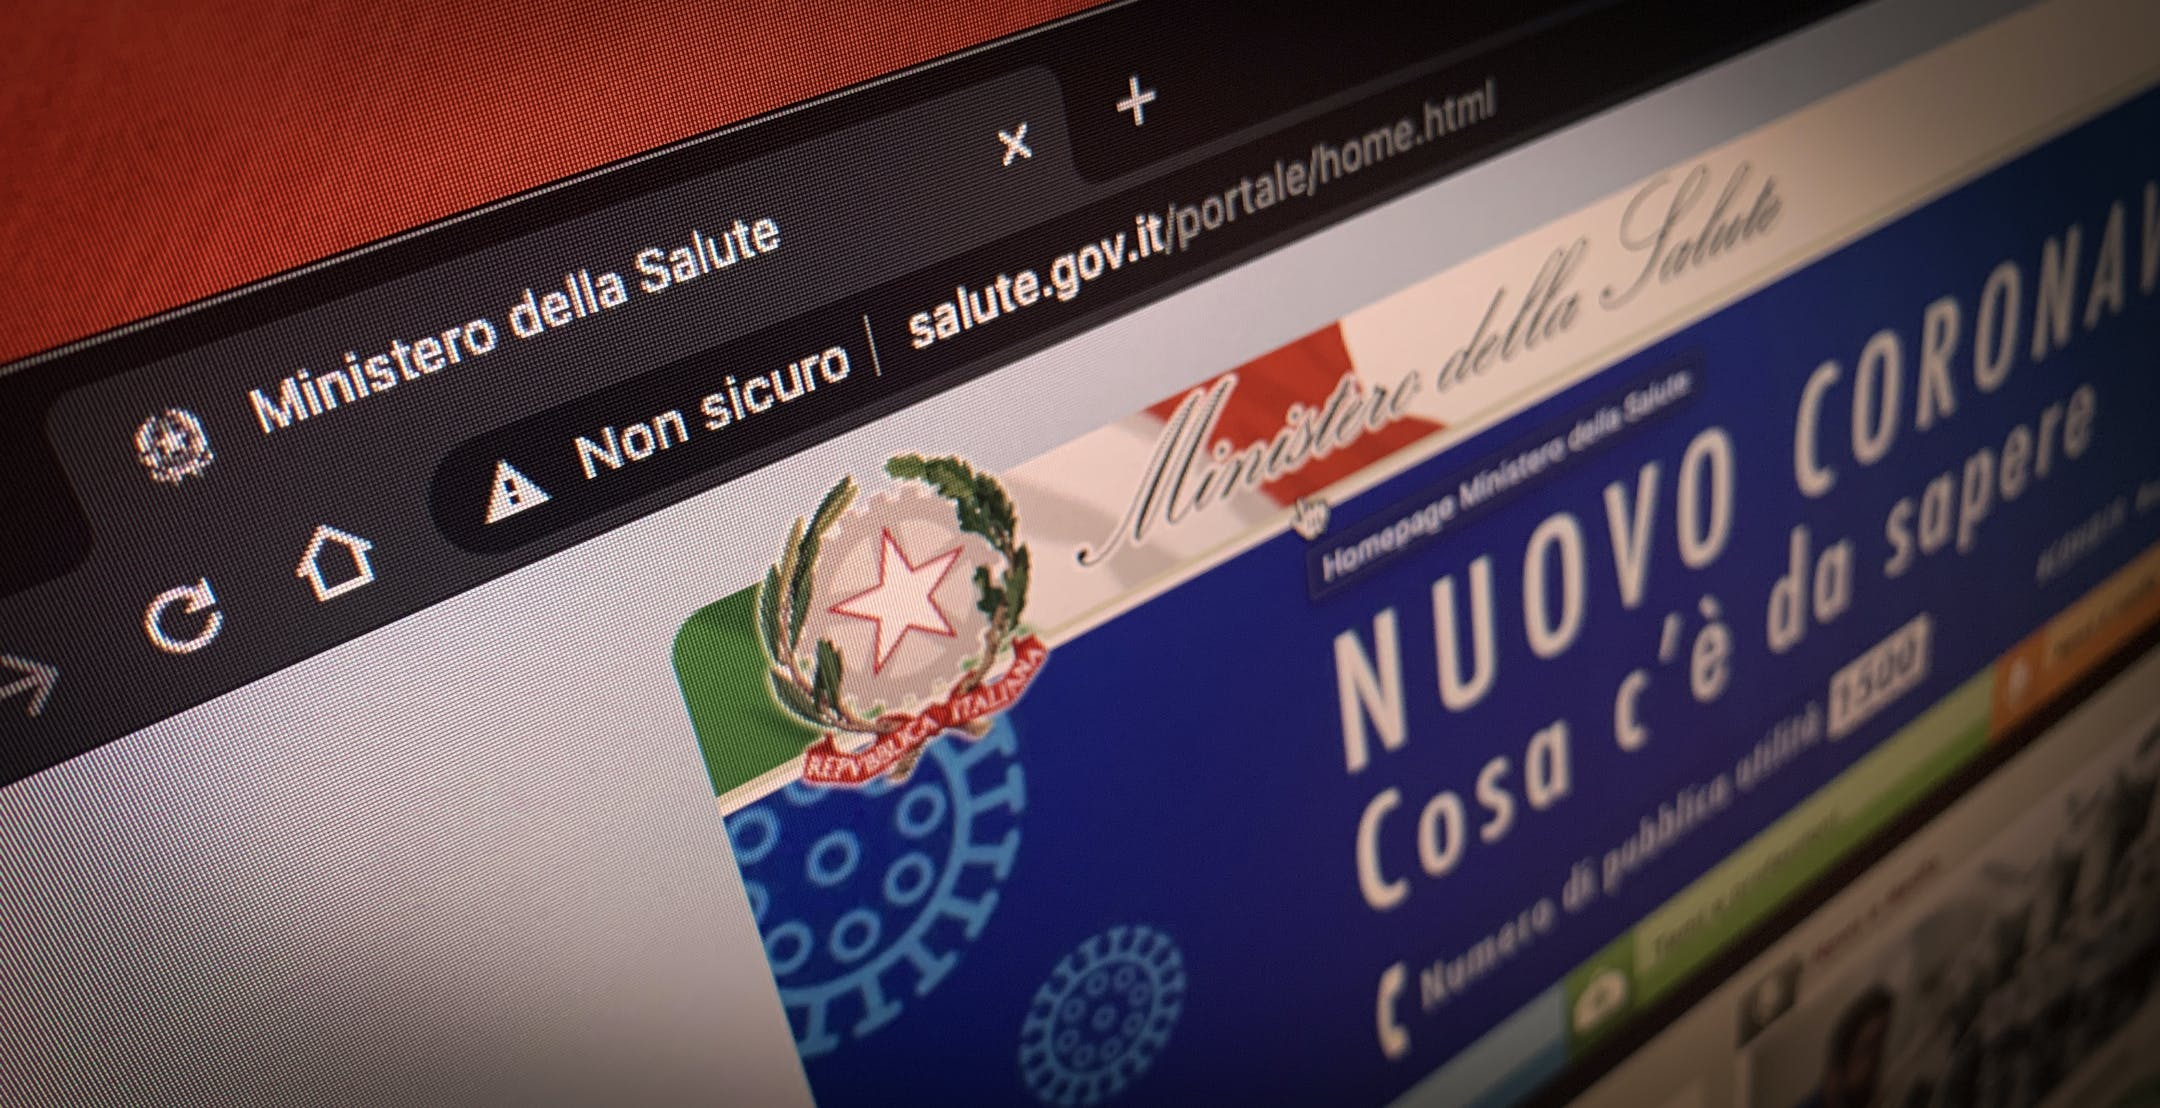 """Editoriale - La sciatteria informatica del Ministero della Salute: nel 2020 il sito ufficiale è """"non sicuro"""""""